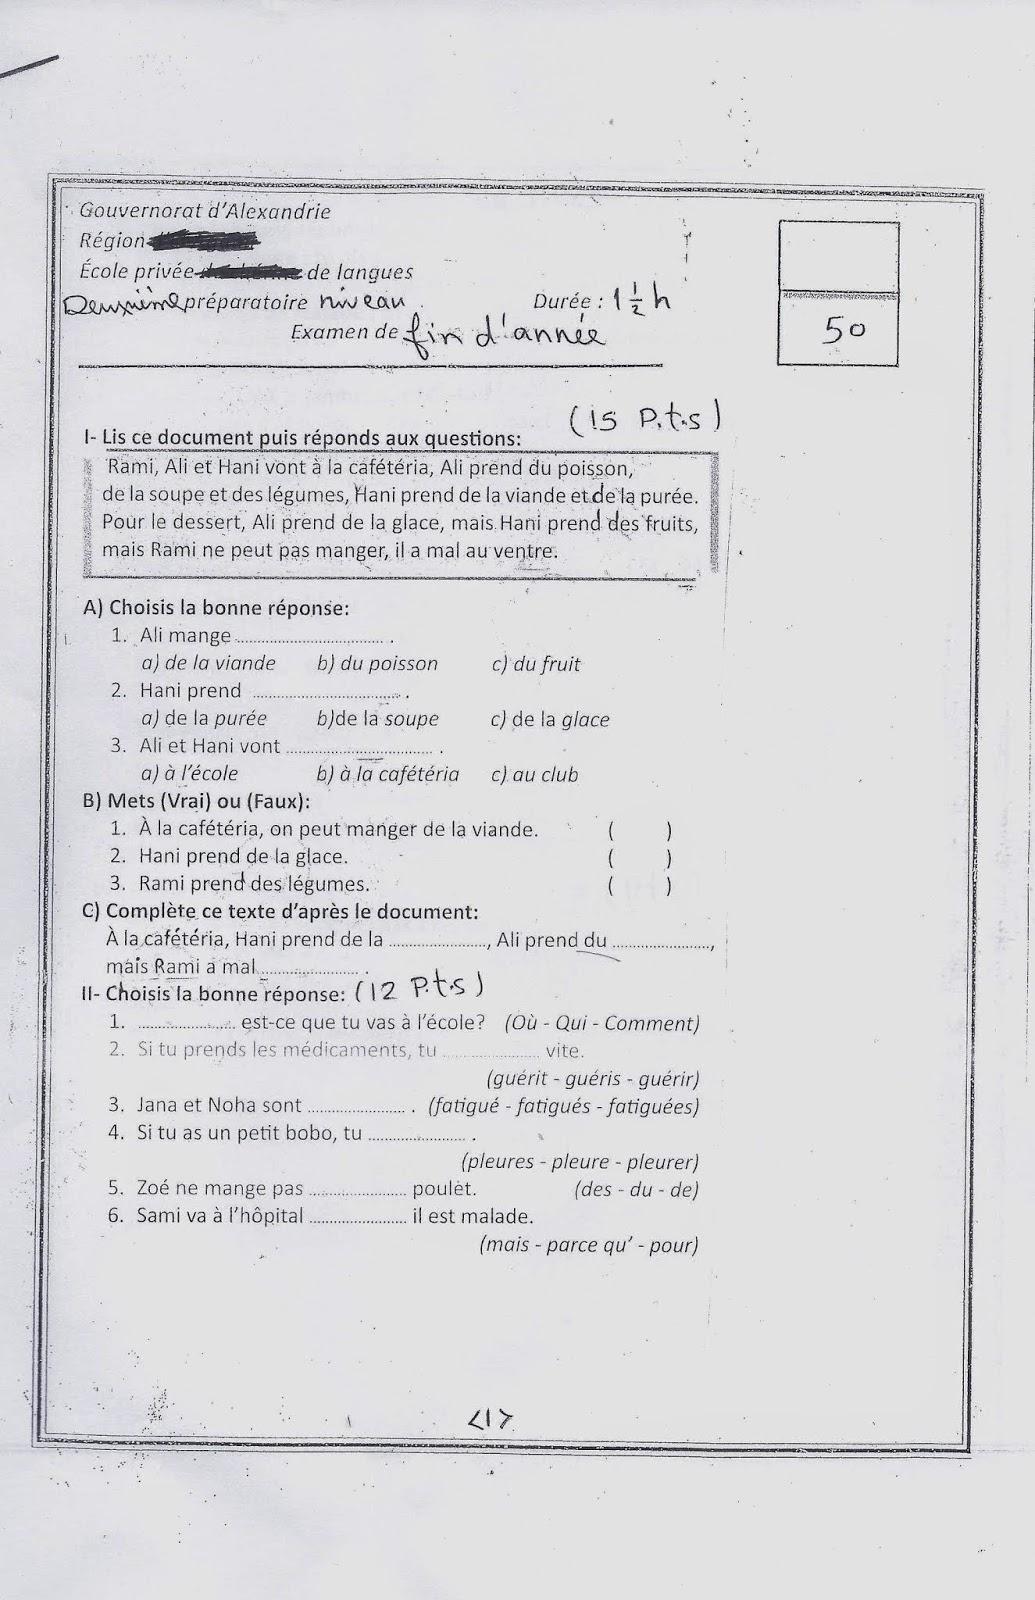 تجميع كل امتحانات اللغة الفرنسية للصفوف الابتدائية والاعدادية (مدارس اللغات والتجريبية) الترم الثانى 2015 - صفحة 2 Scan0049